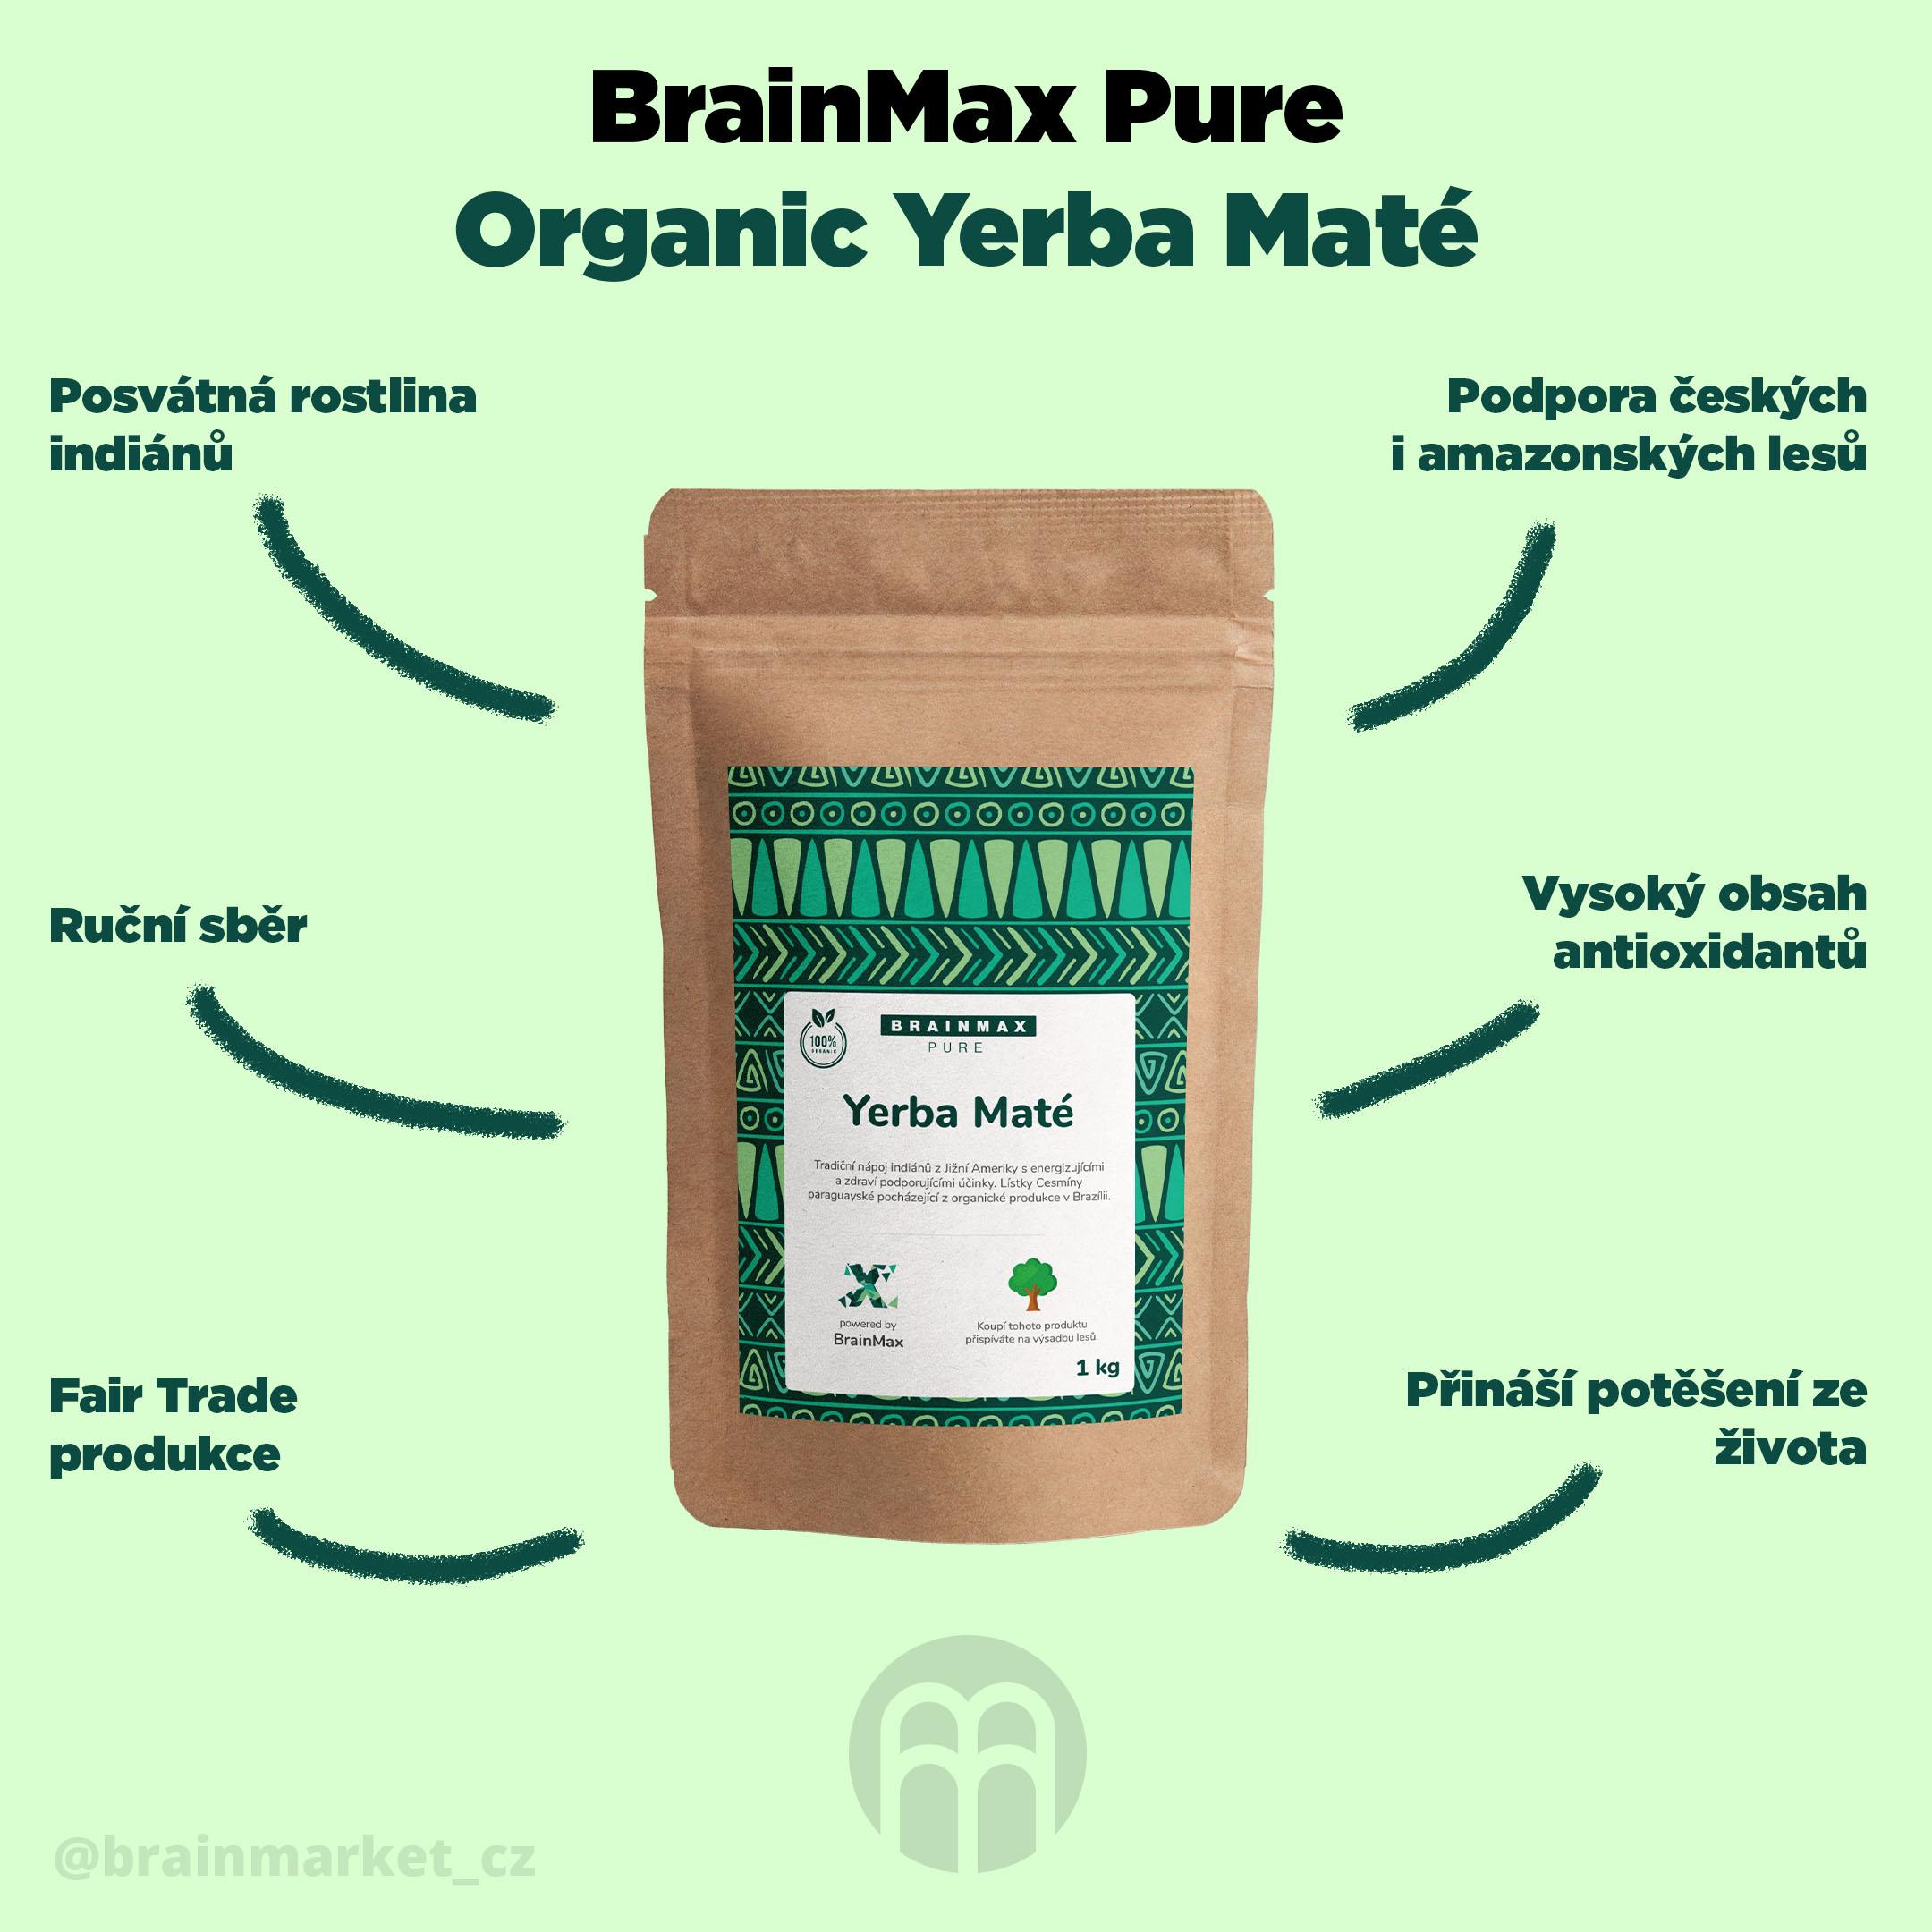 brainmax_organic_yerba_CZ_Infografika_Instagram_BrainMarket